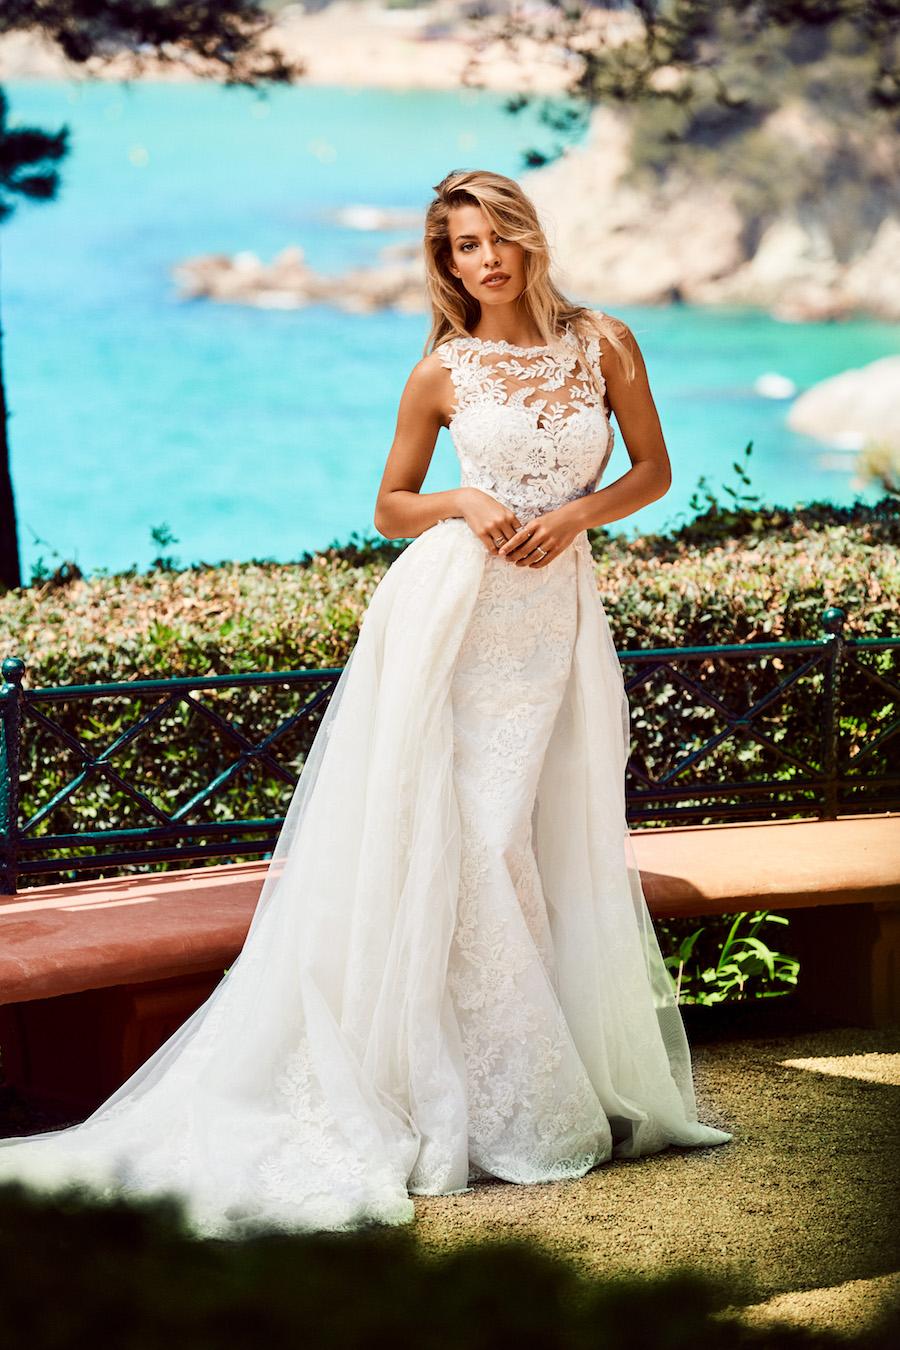 d5ed9dbd960e ... Zemora  un abito da sposa a sirena con una schiena trasparente  impreziosita da inseriti in tulle